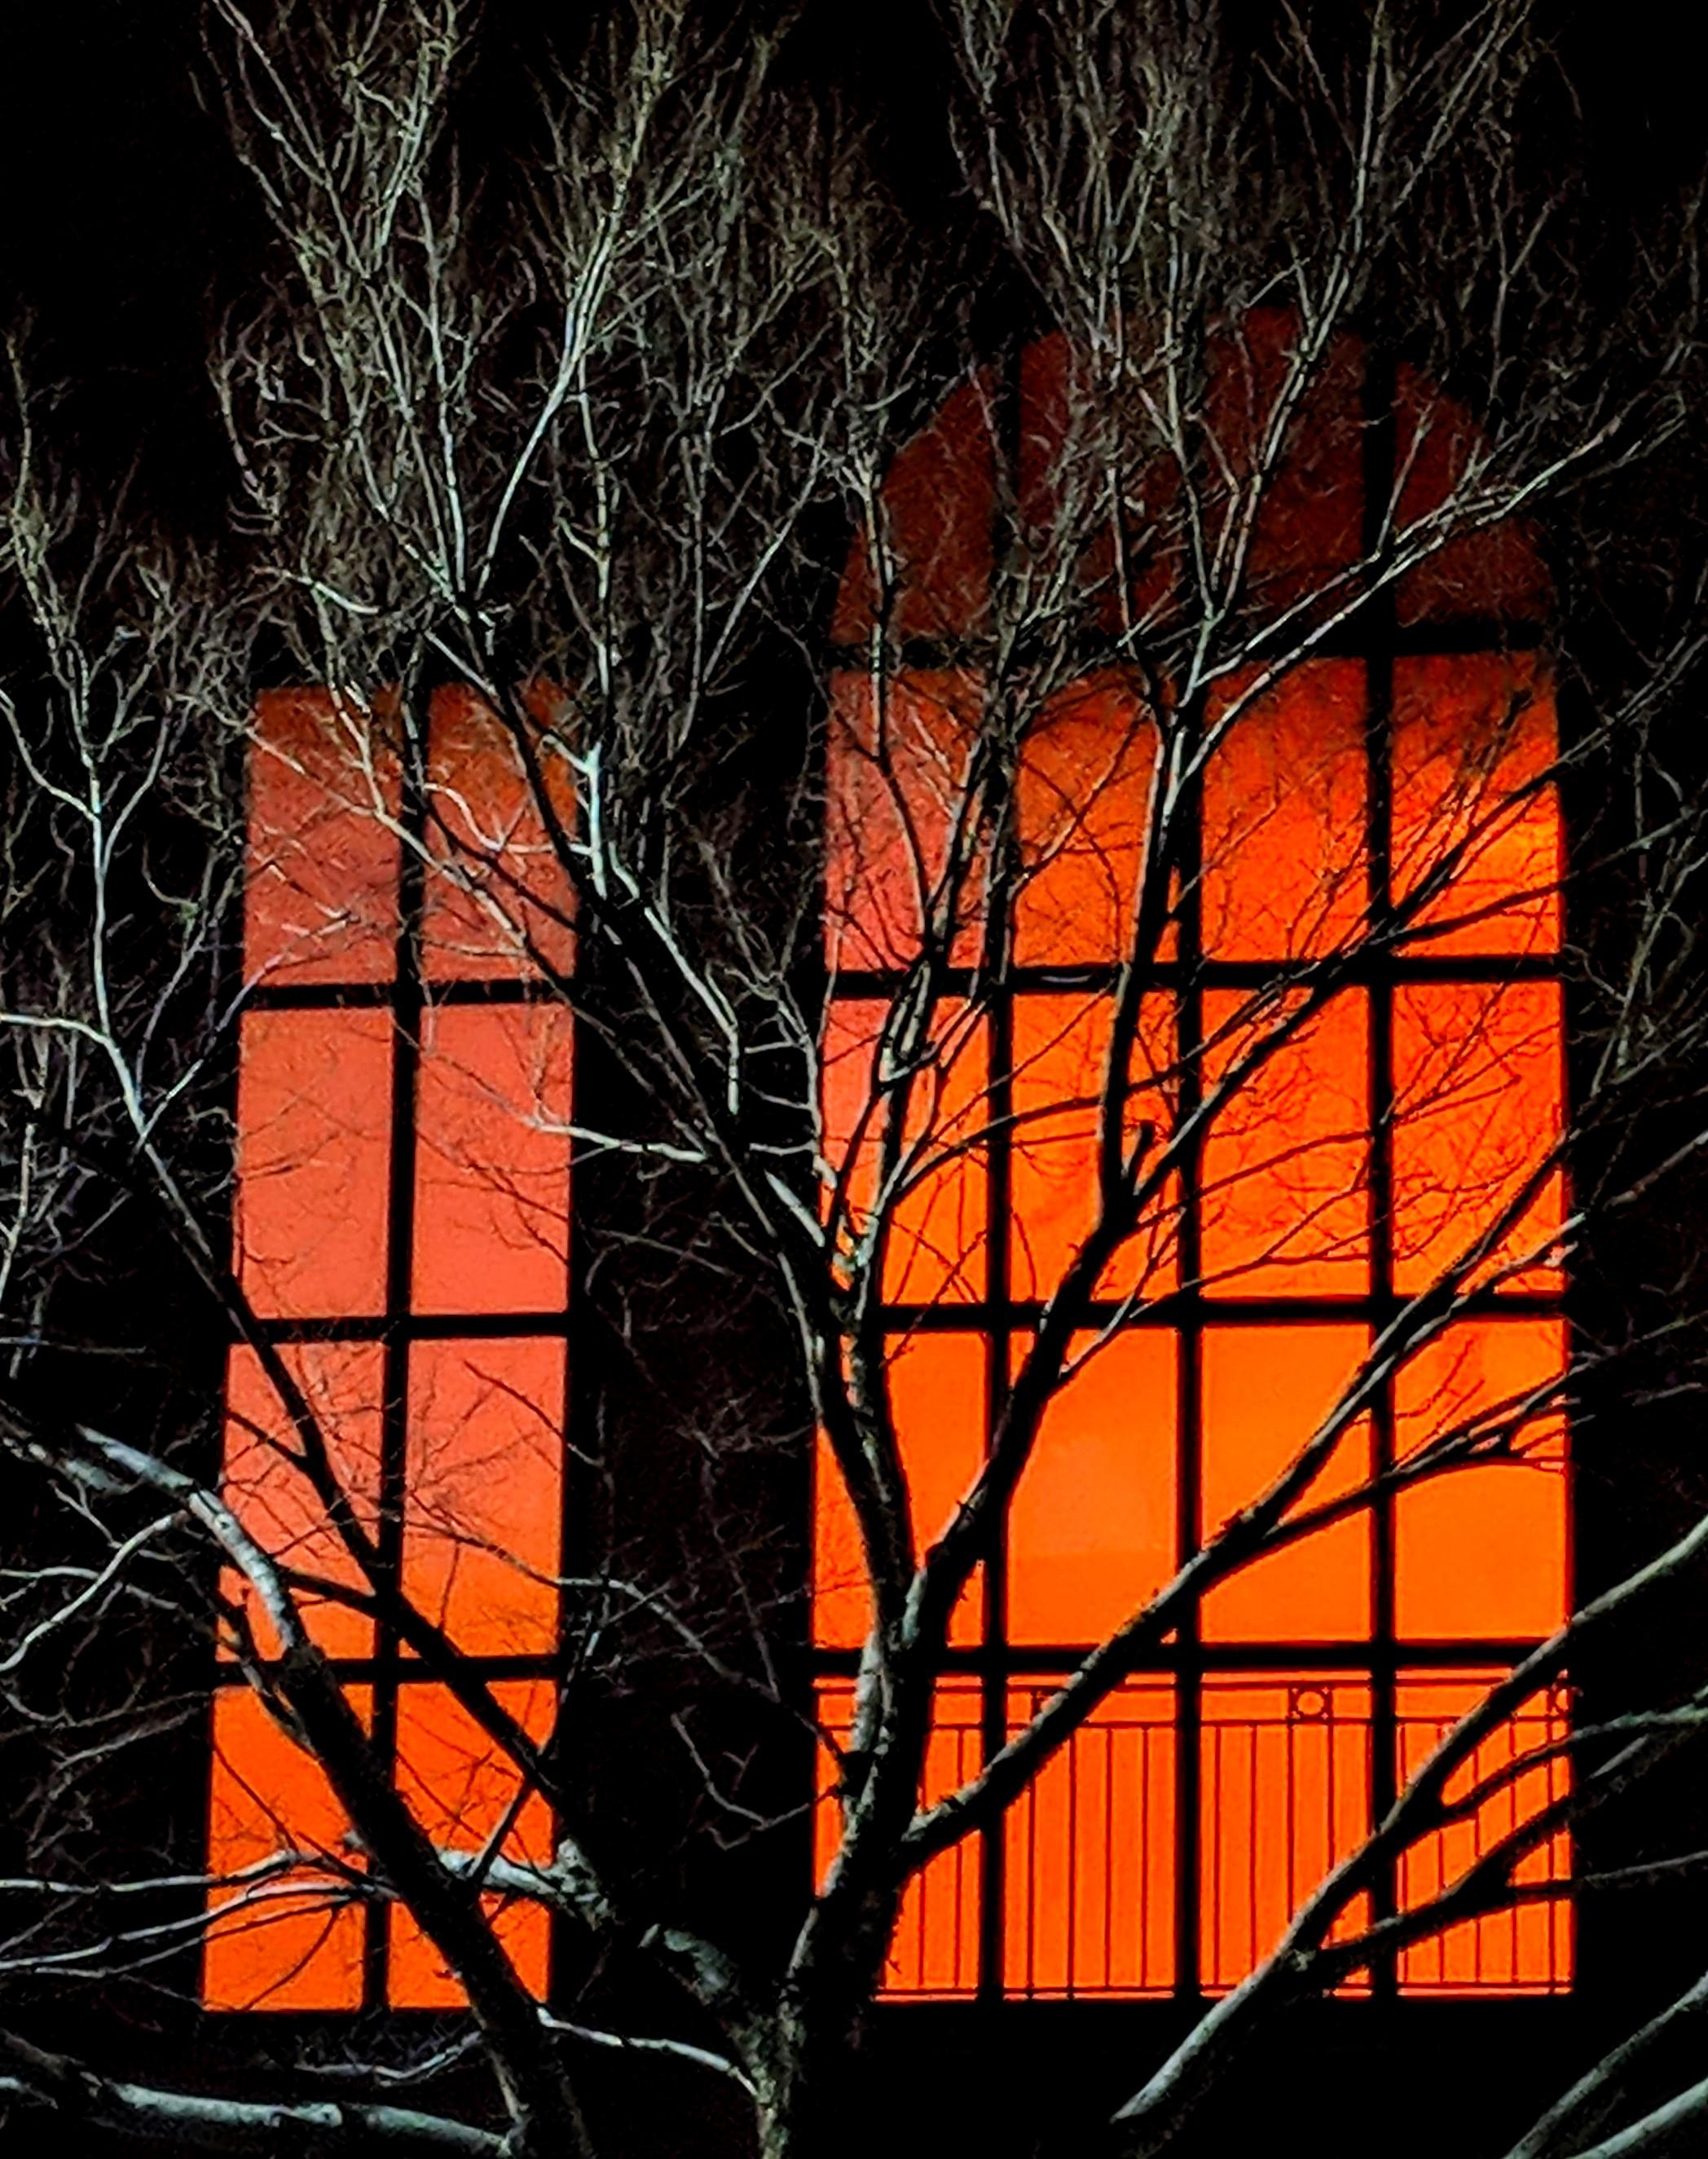 Winter tree against an orange lit window